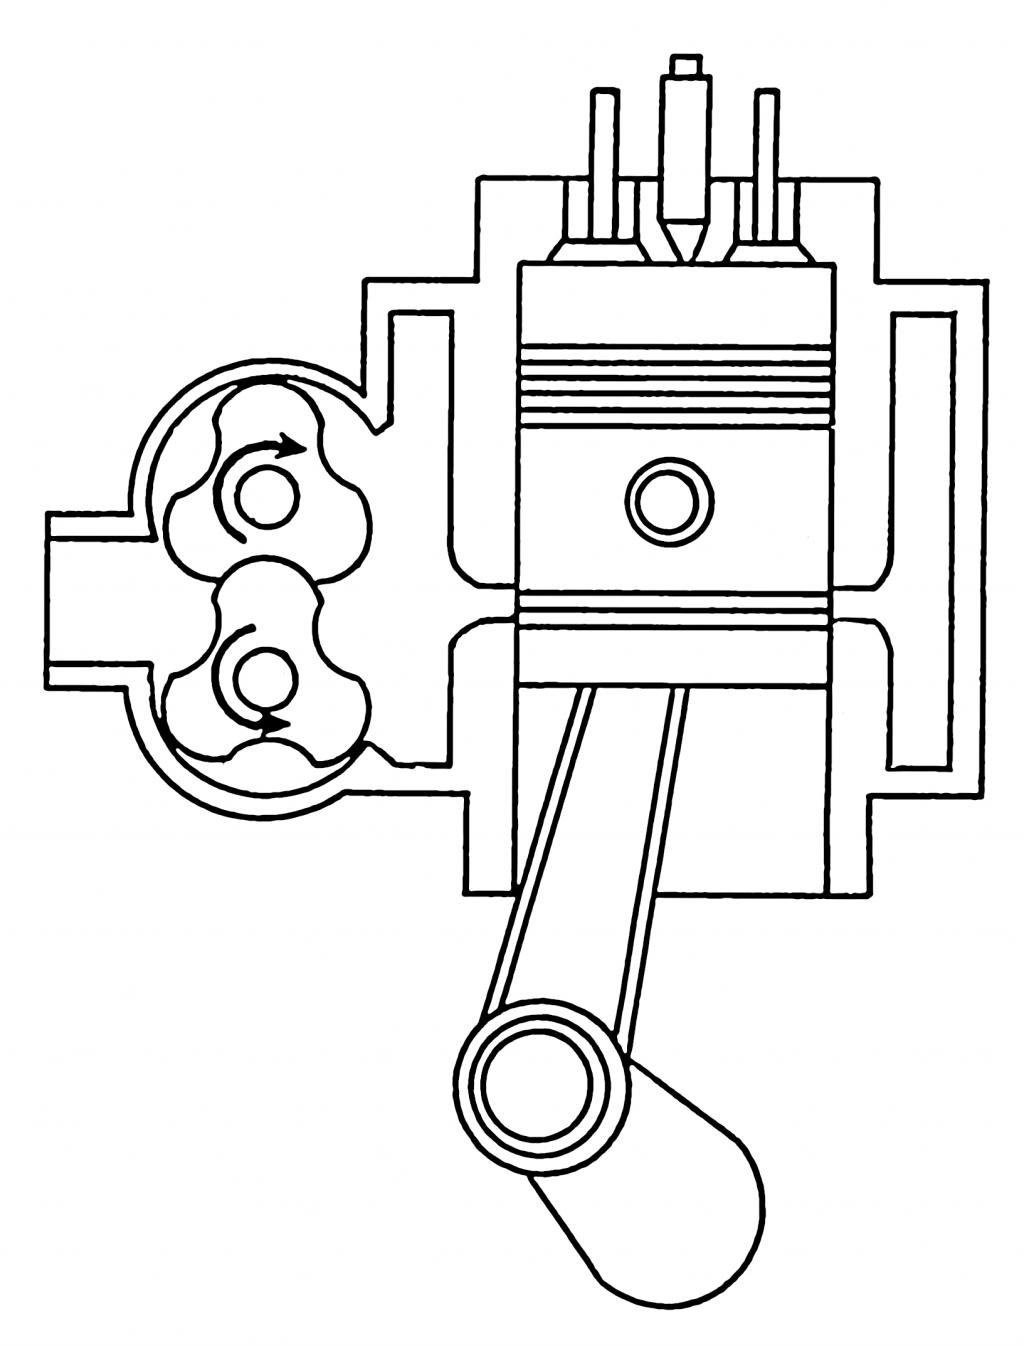 rudolf diesel diesel engine